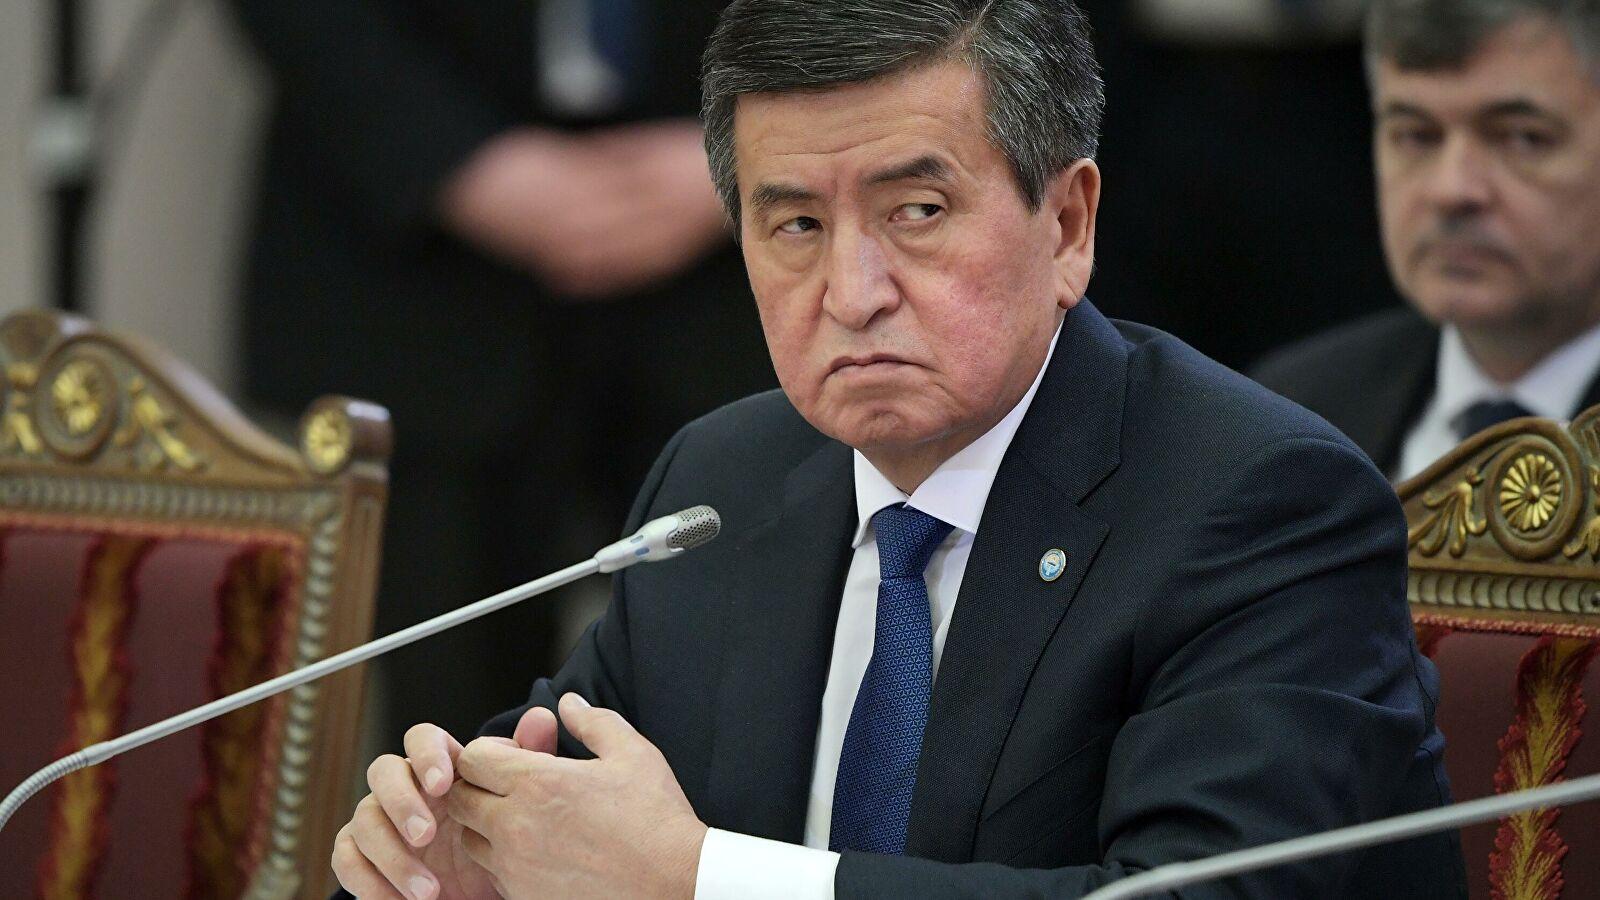 【彩乐园app进入12dsncom】_俄媒:吉尔吉斯斯坦总统签署命令解雇总理并解散政府